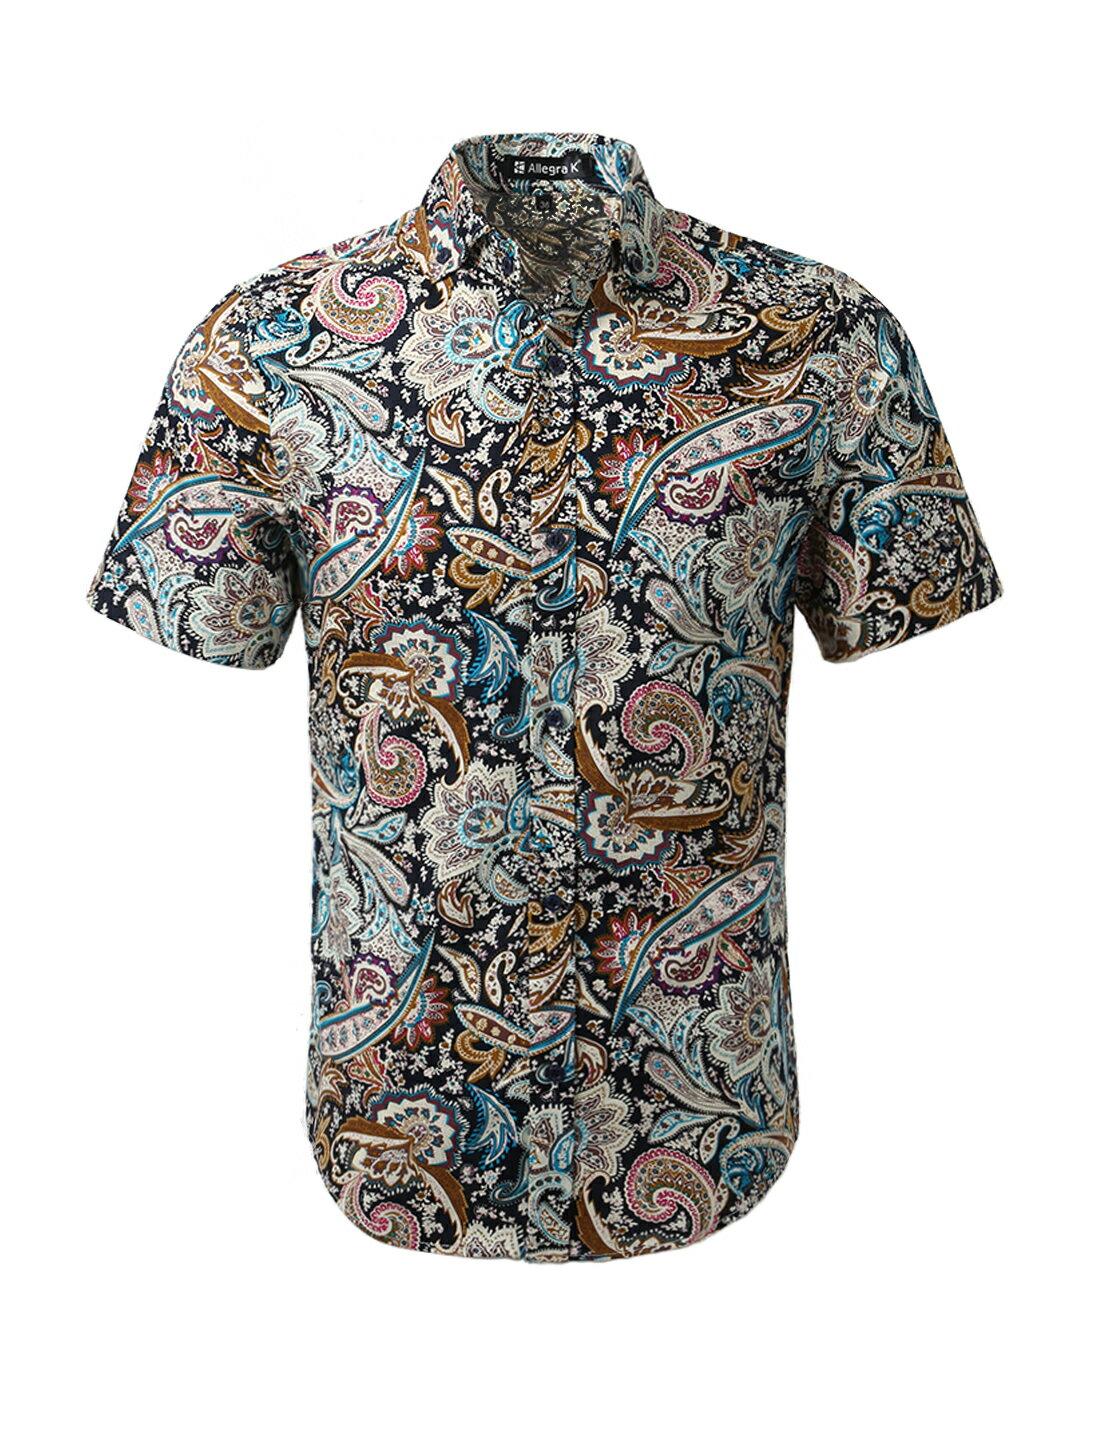 7d02fff1e68 Unique Bargains Men's Summer Button Down Casual Floral Print Short Sleeve  Shirt 0